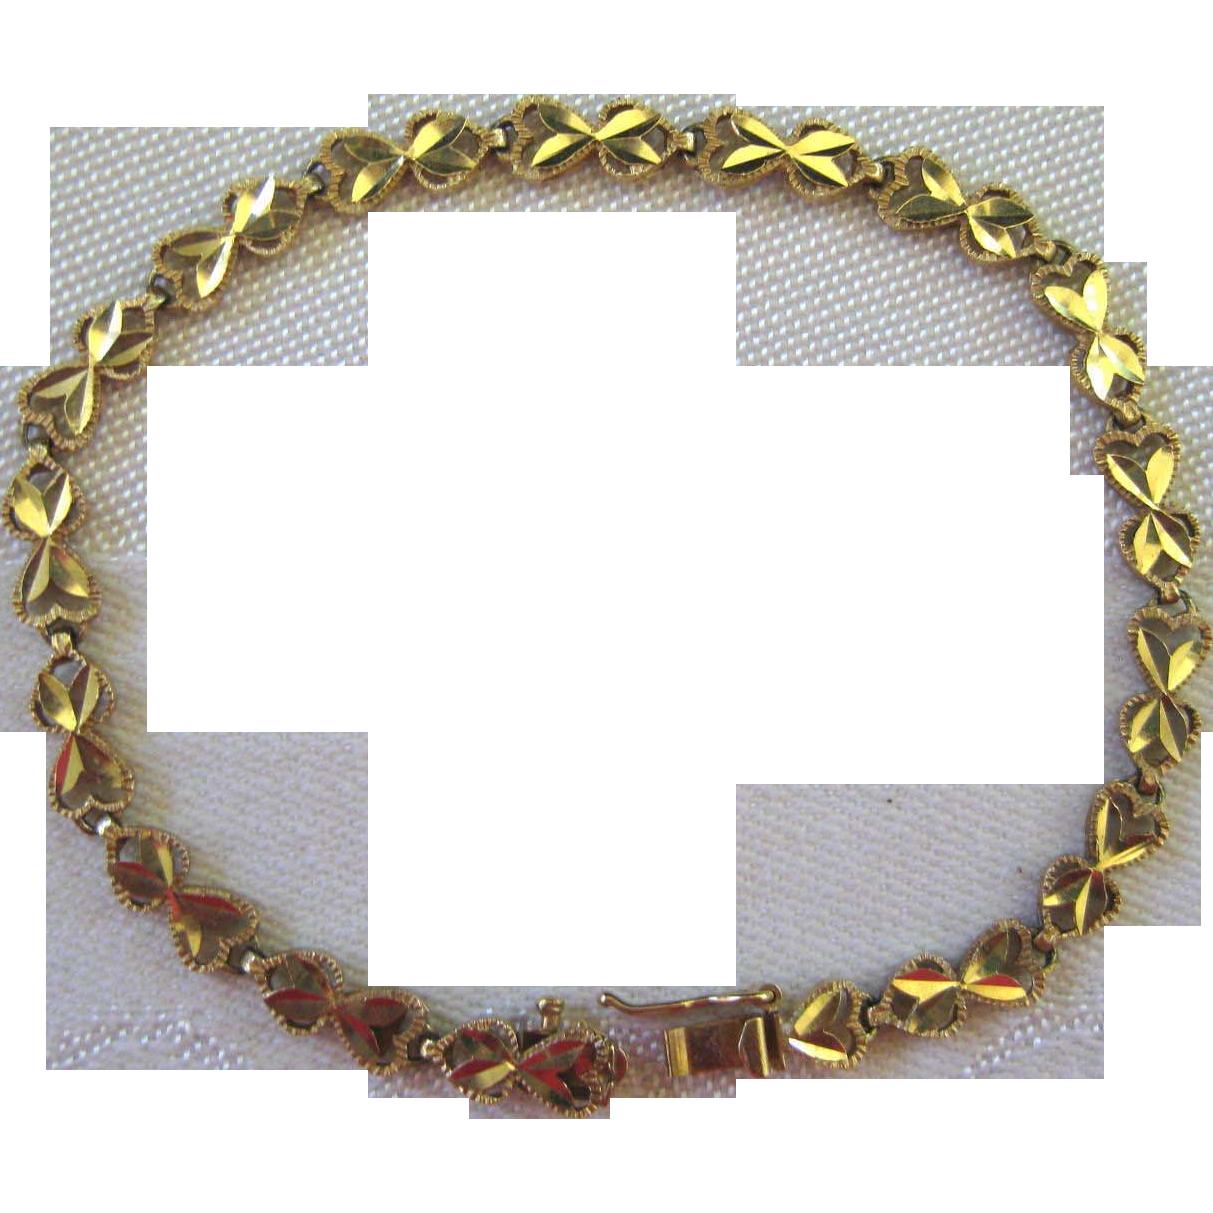 14 Karat Gold Link Bracelet ~ Heart Shape Links